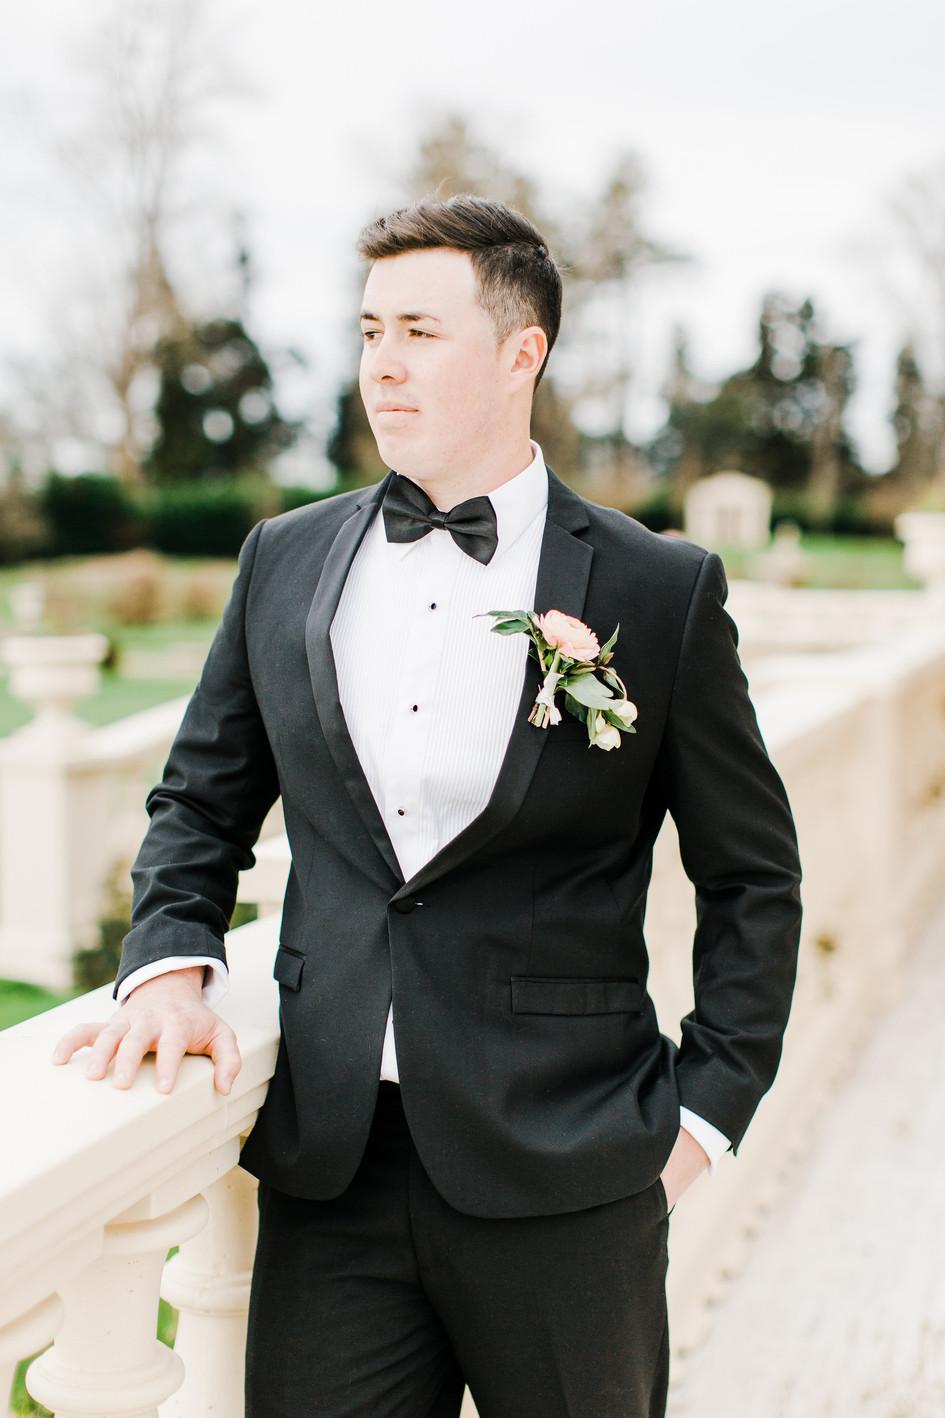 groom_styling.jpg